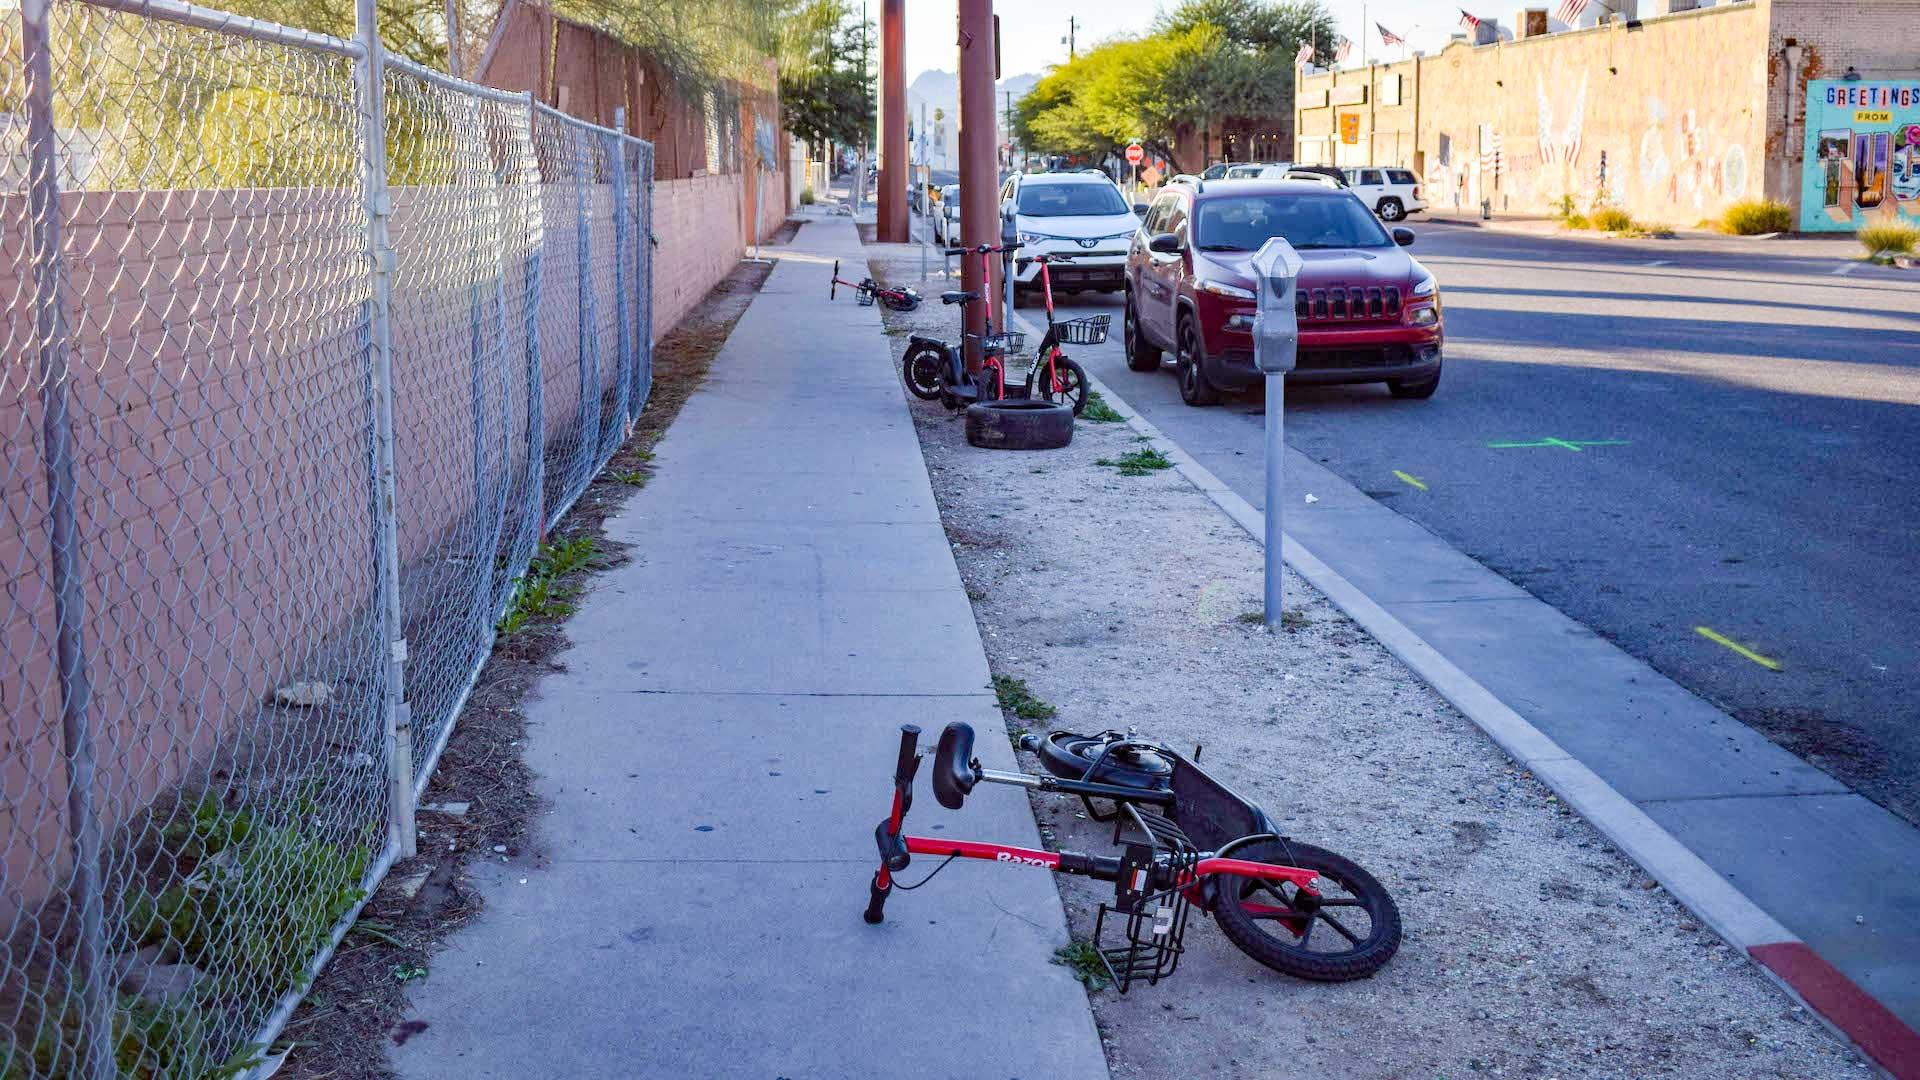 Razor scooters, Dec. 5, 2019.